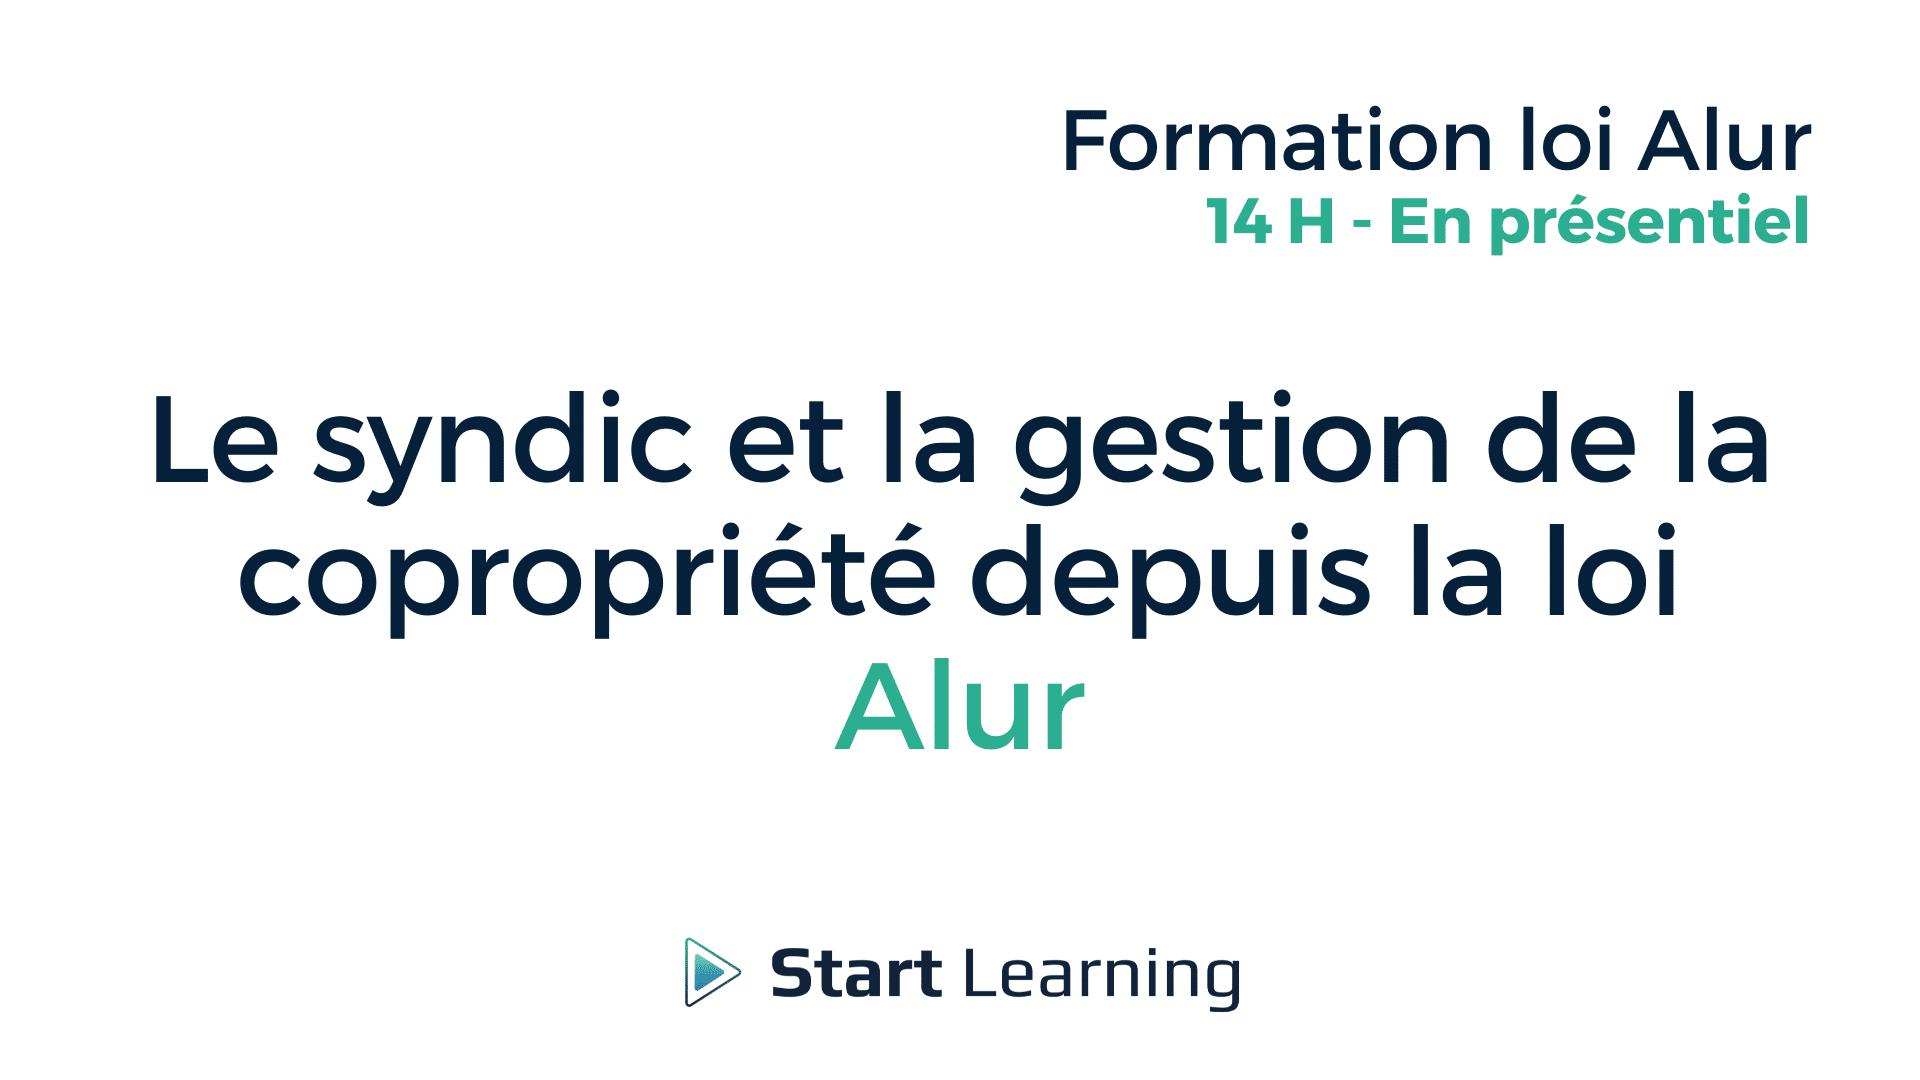 Formation loi Alur - Le syndic et la gestion de copropriété depuis la loi Alur